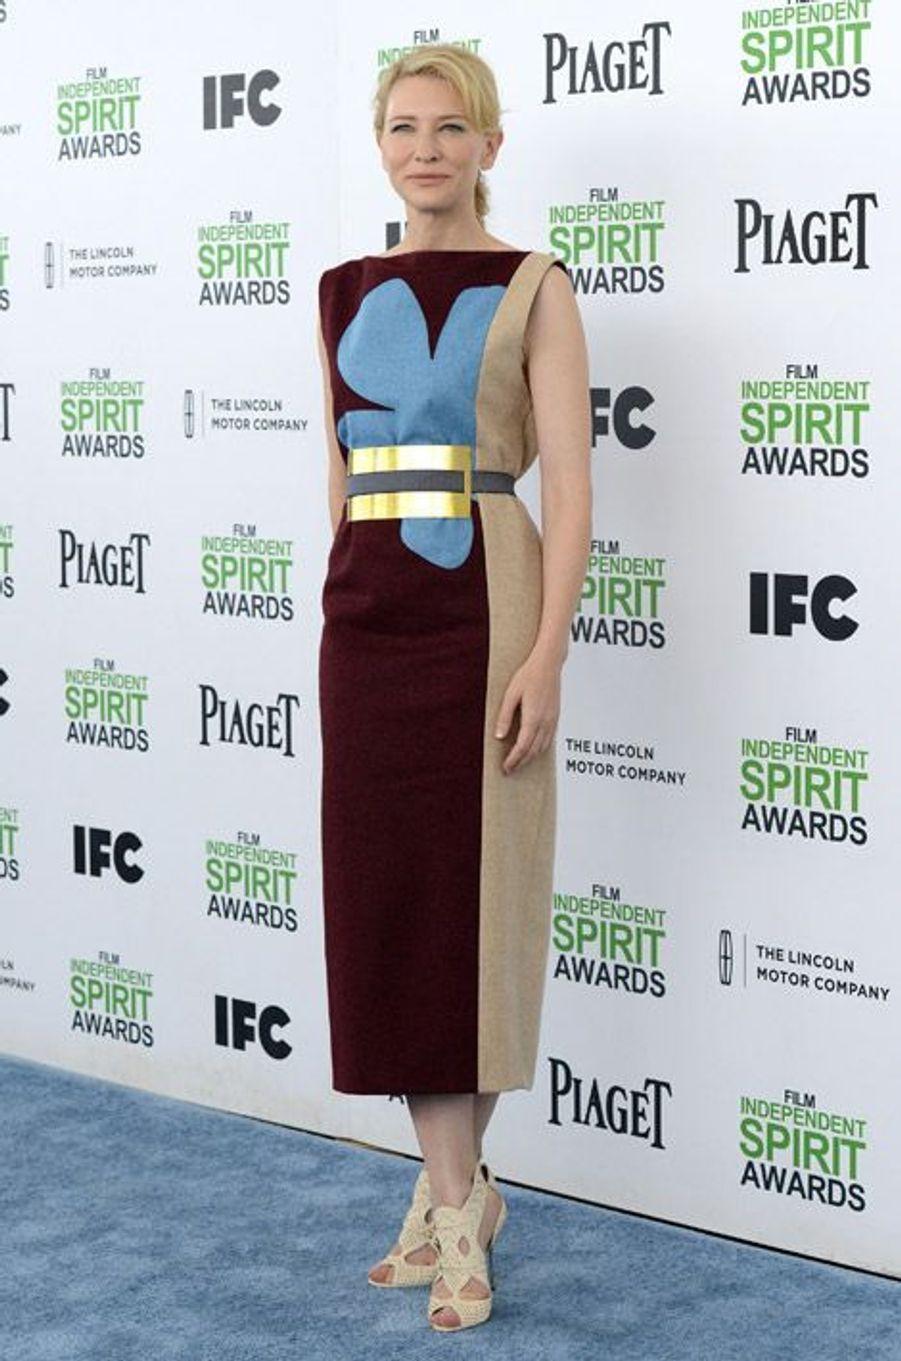 Cate Blanchett lors de la cérémonie Film independent spirit awards à Santa Monica, le 1er mars 2014